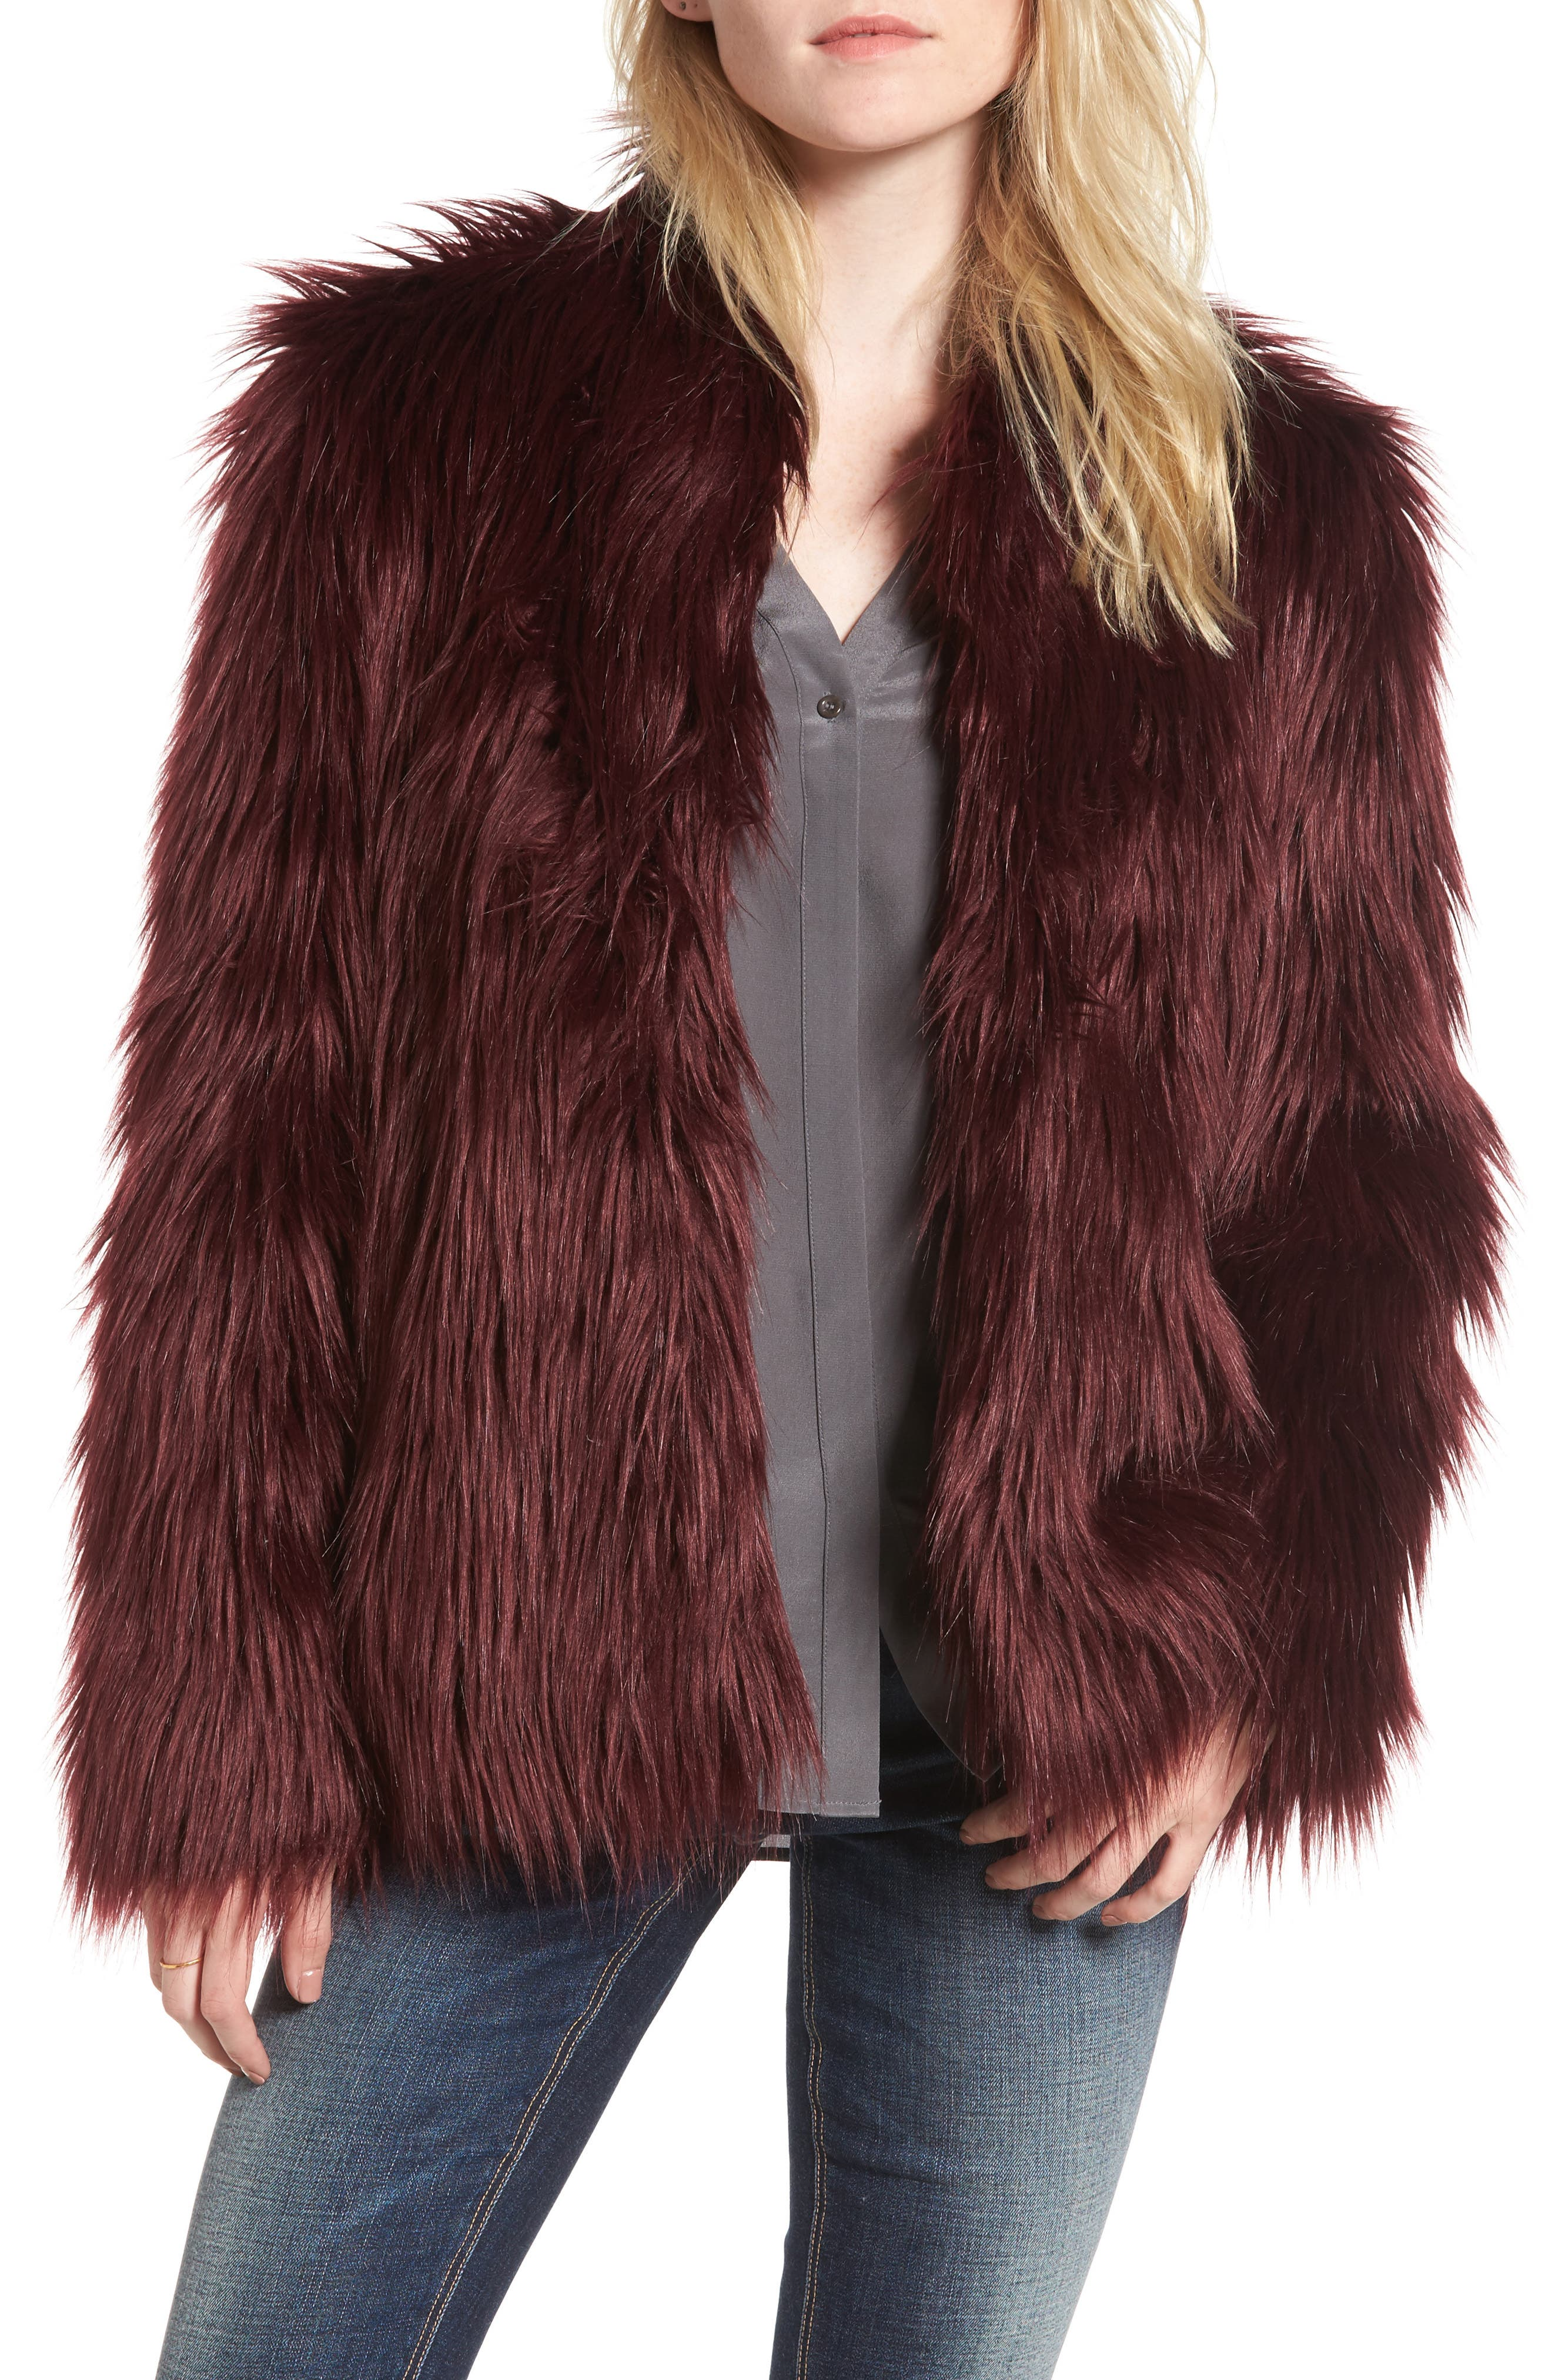 Main Image - Chelsea28 Faux Fur Jacket